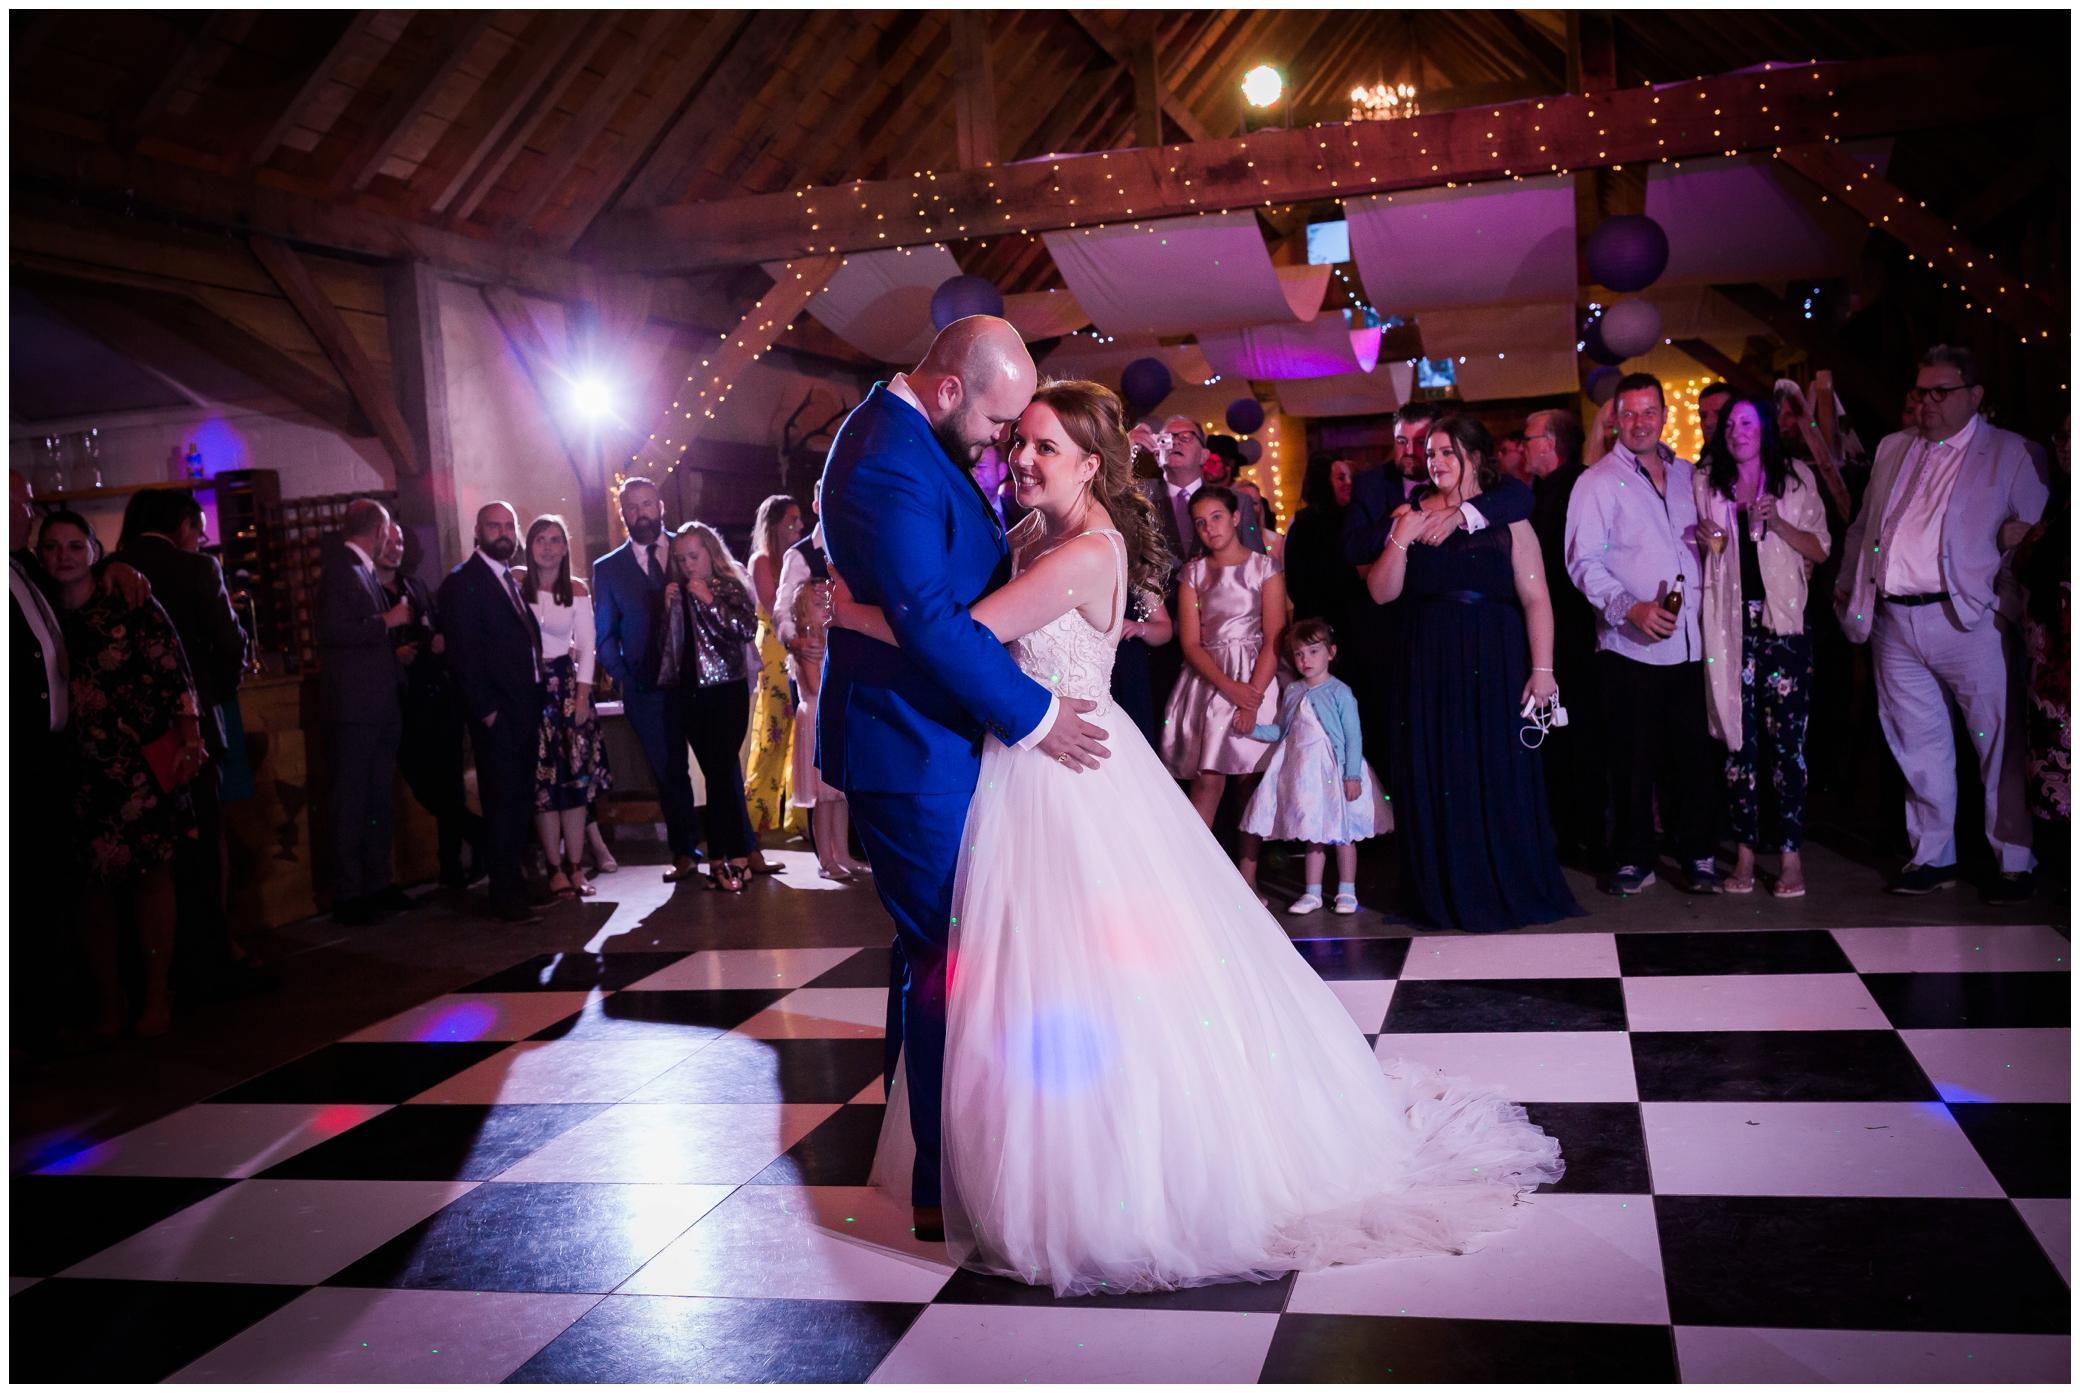 Bride and Groom dancing at the Yoghurt Rooms in East Grinstead